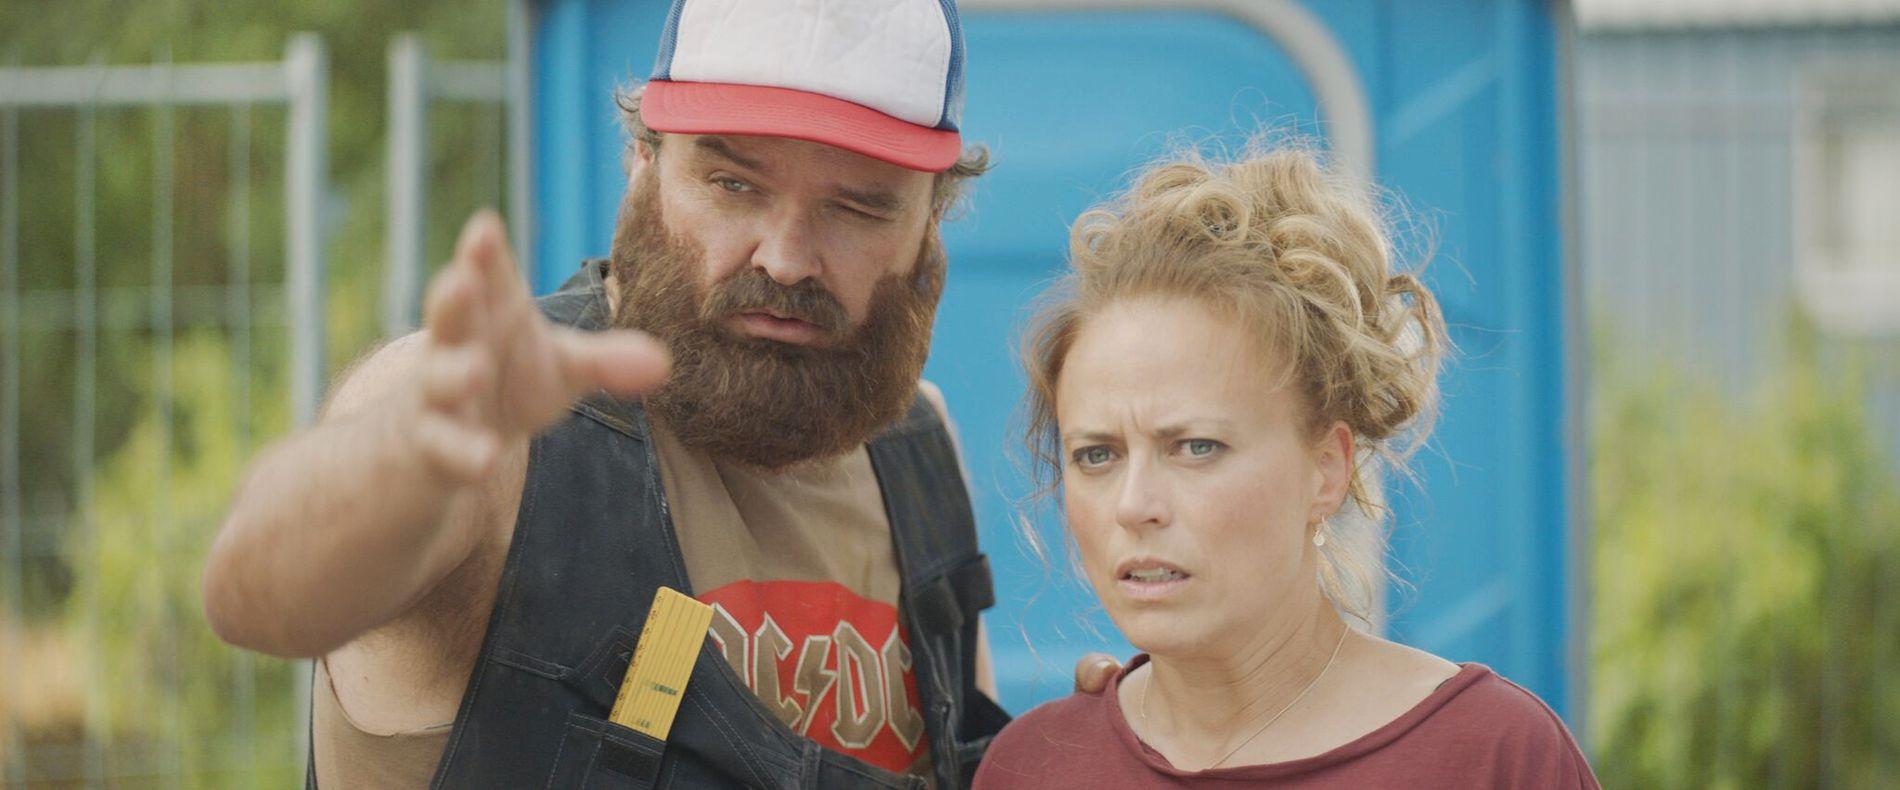 MANGE ROLLER: Atle Antonsen i en av rollene han spiller i «Norske byggeklosser», her sammen med Ine Jansen.